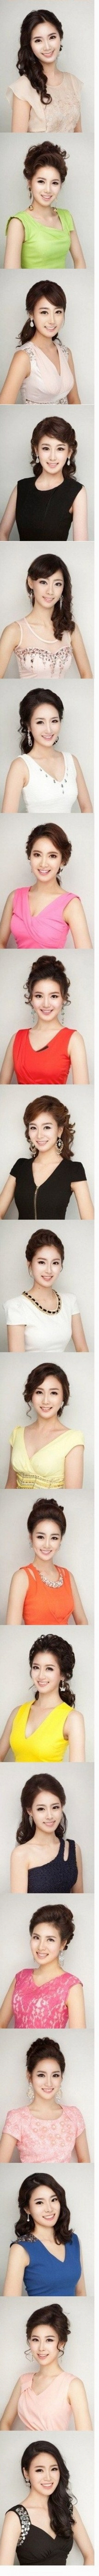 Конкурсантки «Мисс Корея»